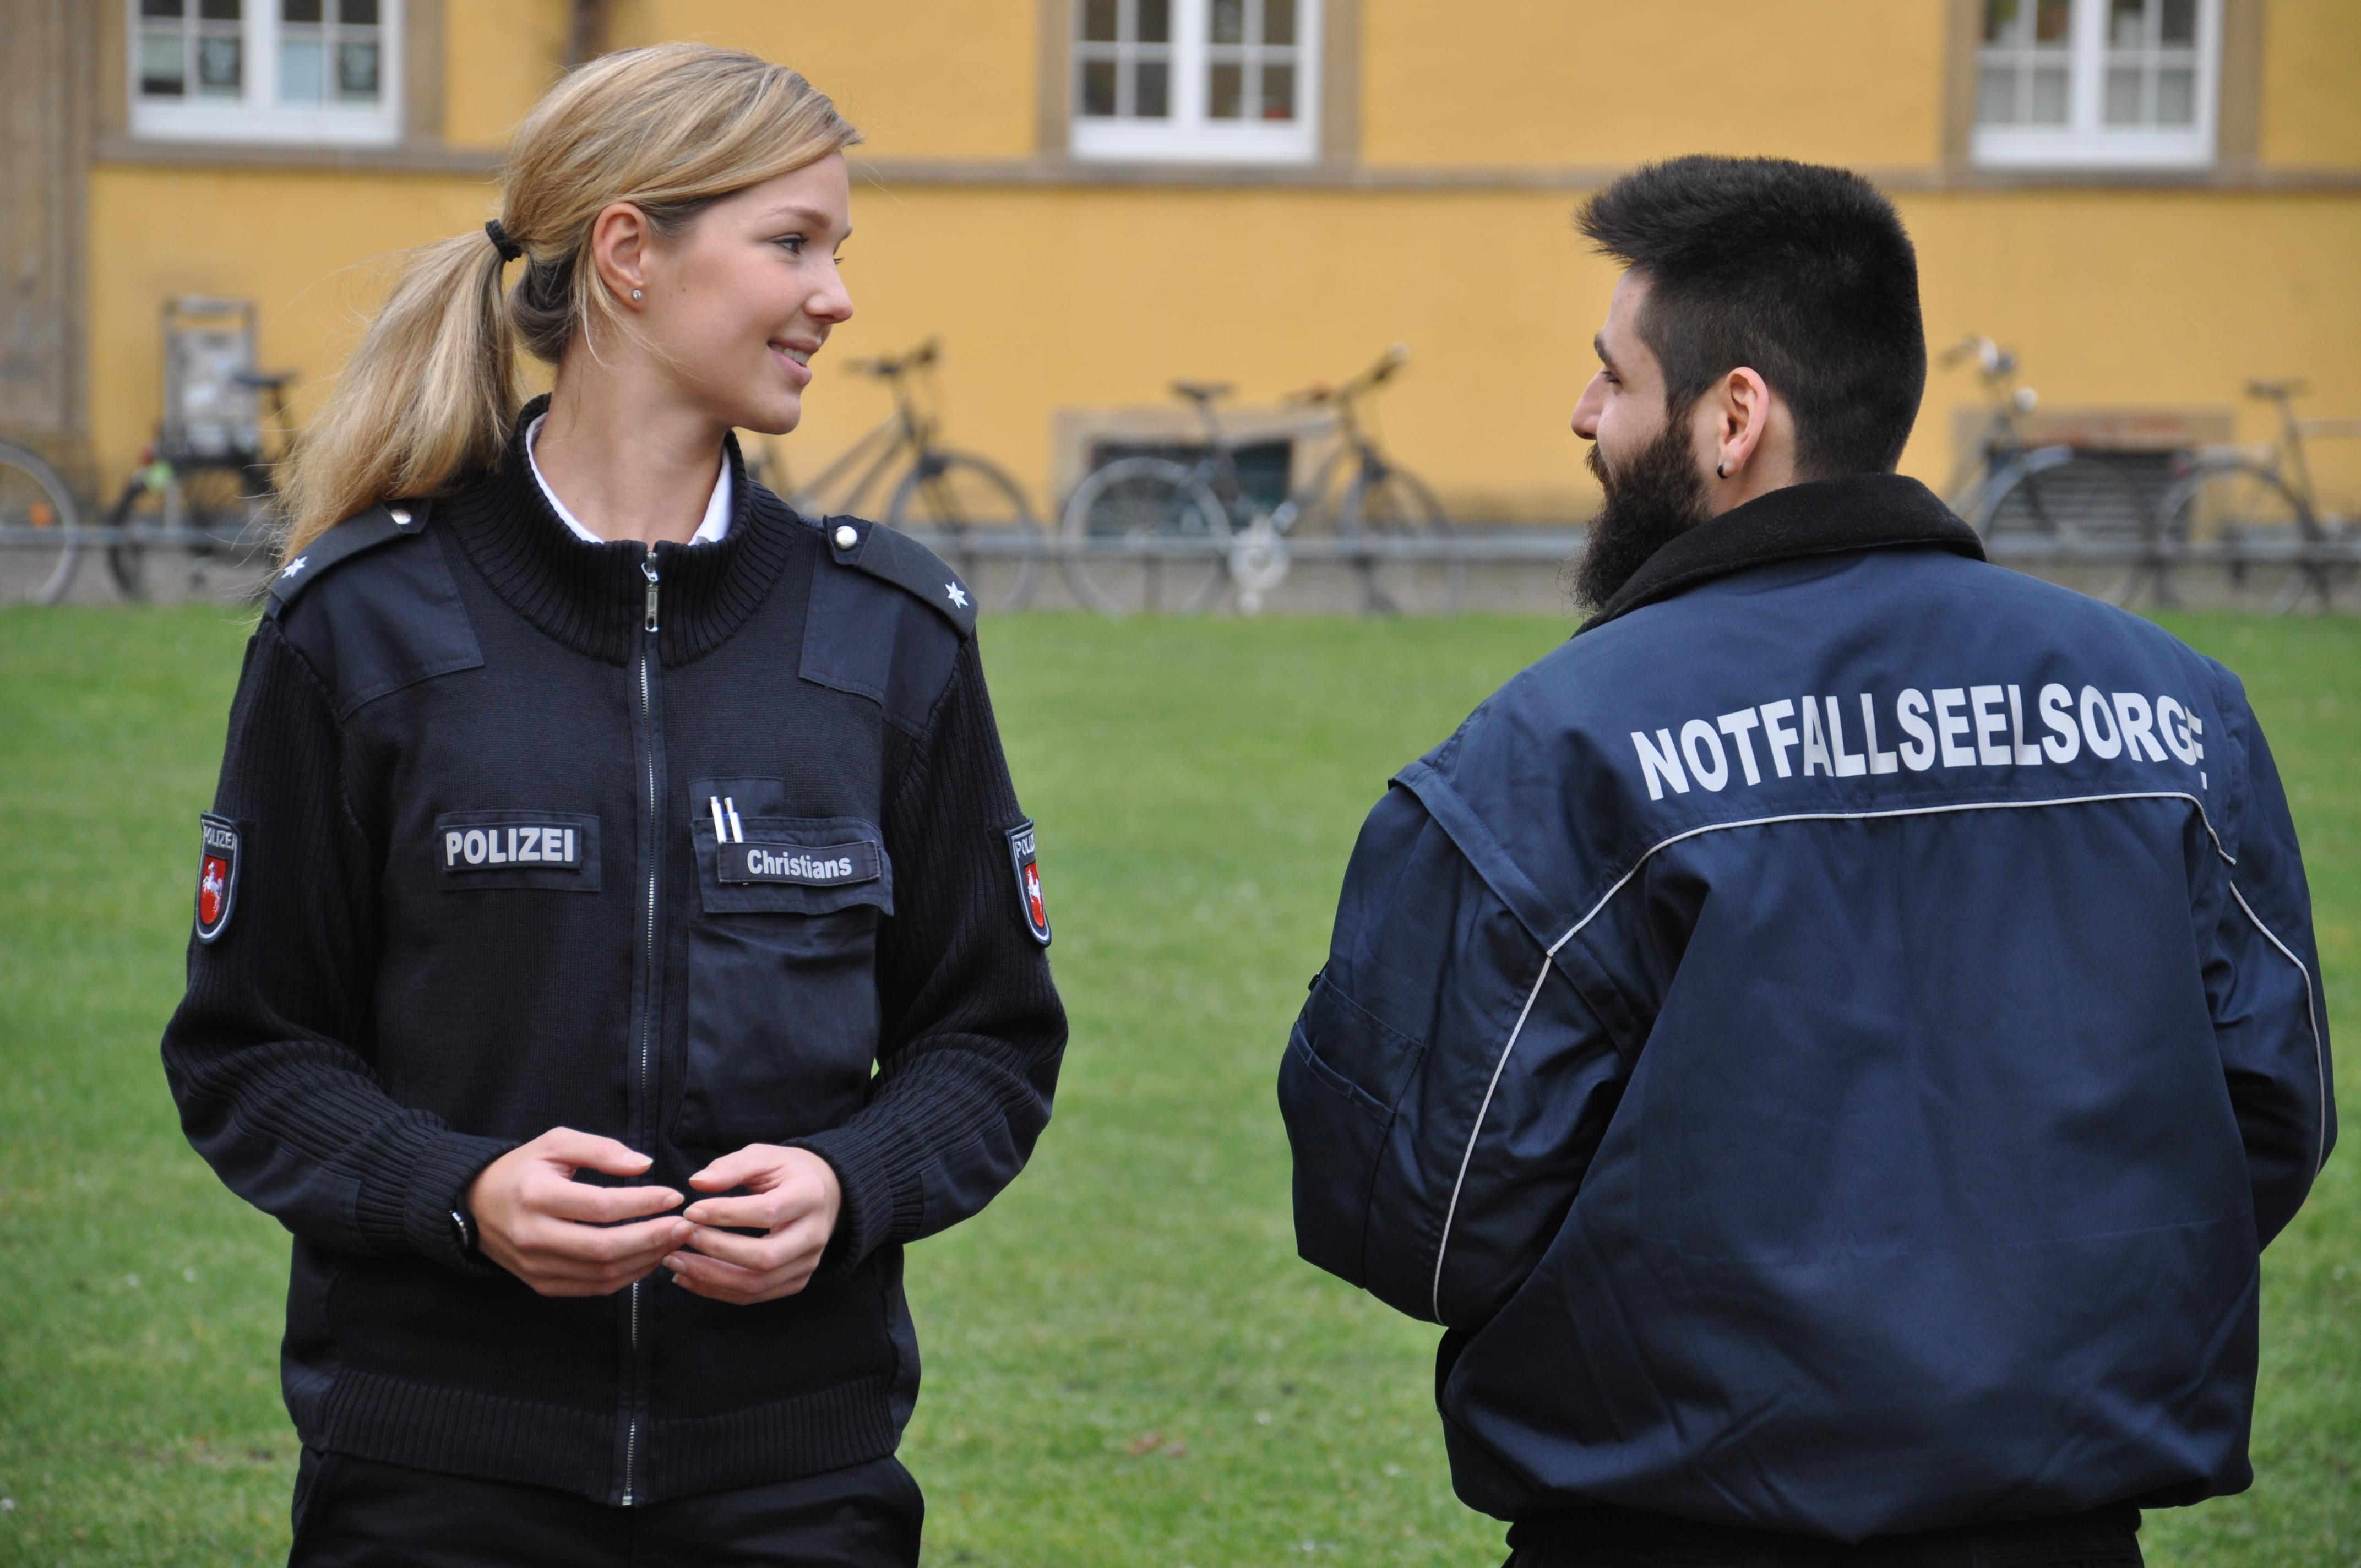 download bild jpg 45 mb - Polizei Niedersachsen Bewerbung